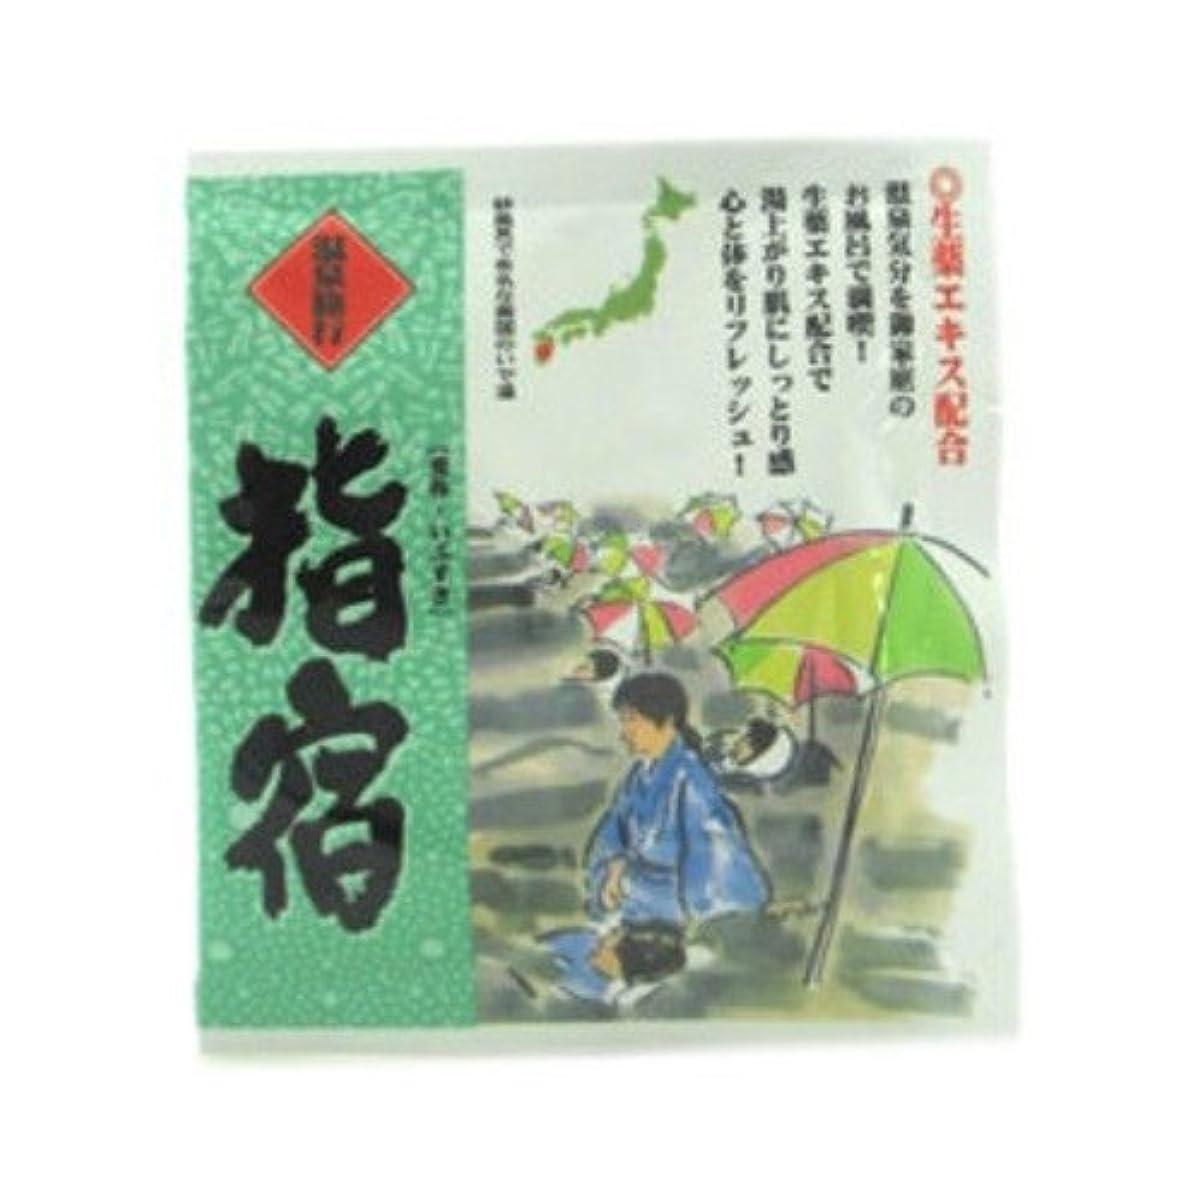 スロープカエルきらめく五洲薬品 温泉旅行 指宿 25g 4987332128311